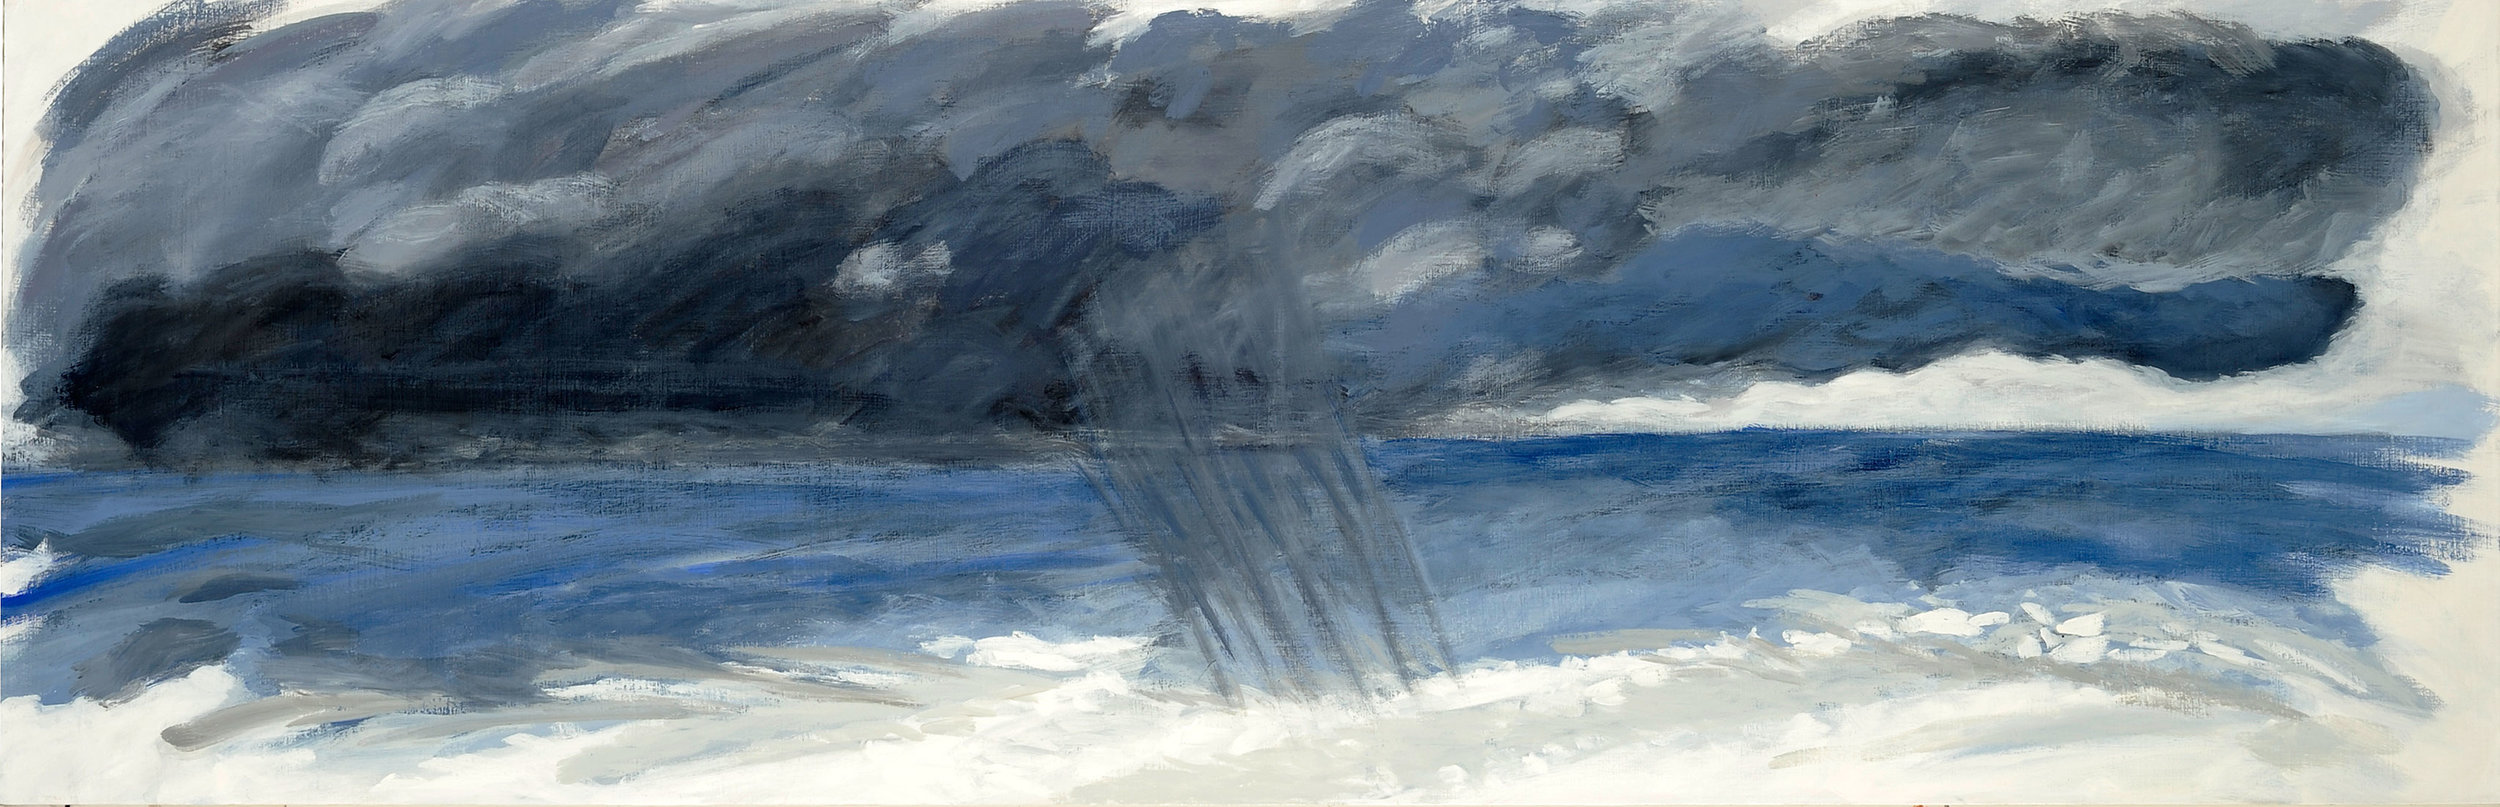 Orage bleu, hommage à Constable, 2009